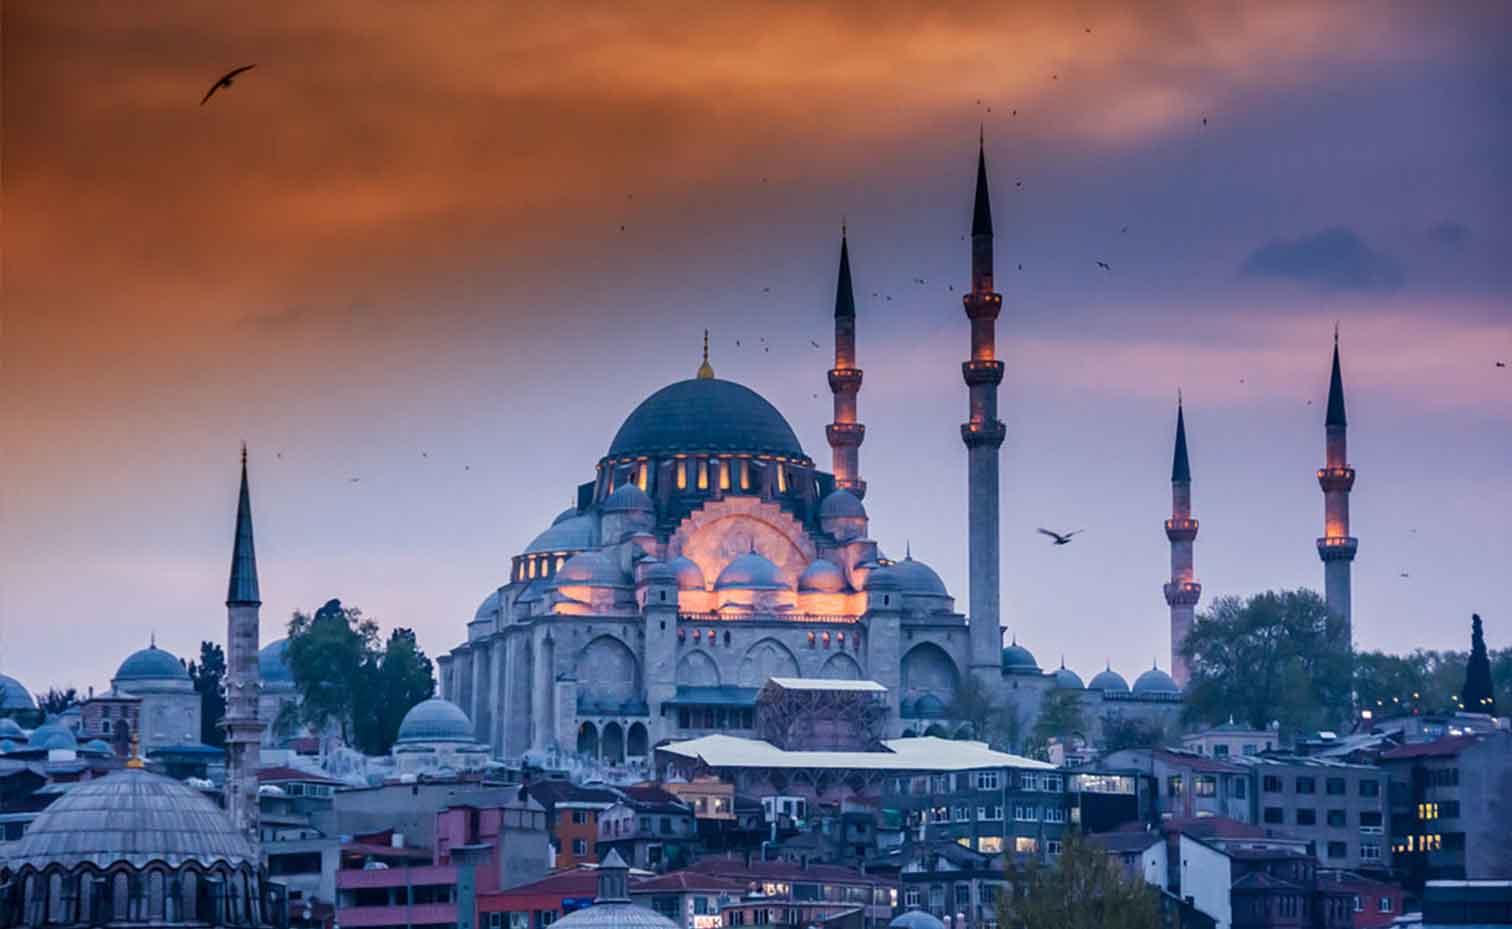 استانبول ترکیه از بهترین مقاصد خاورمیانه